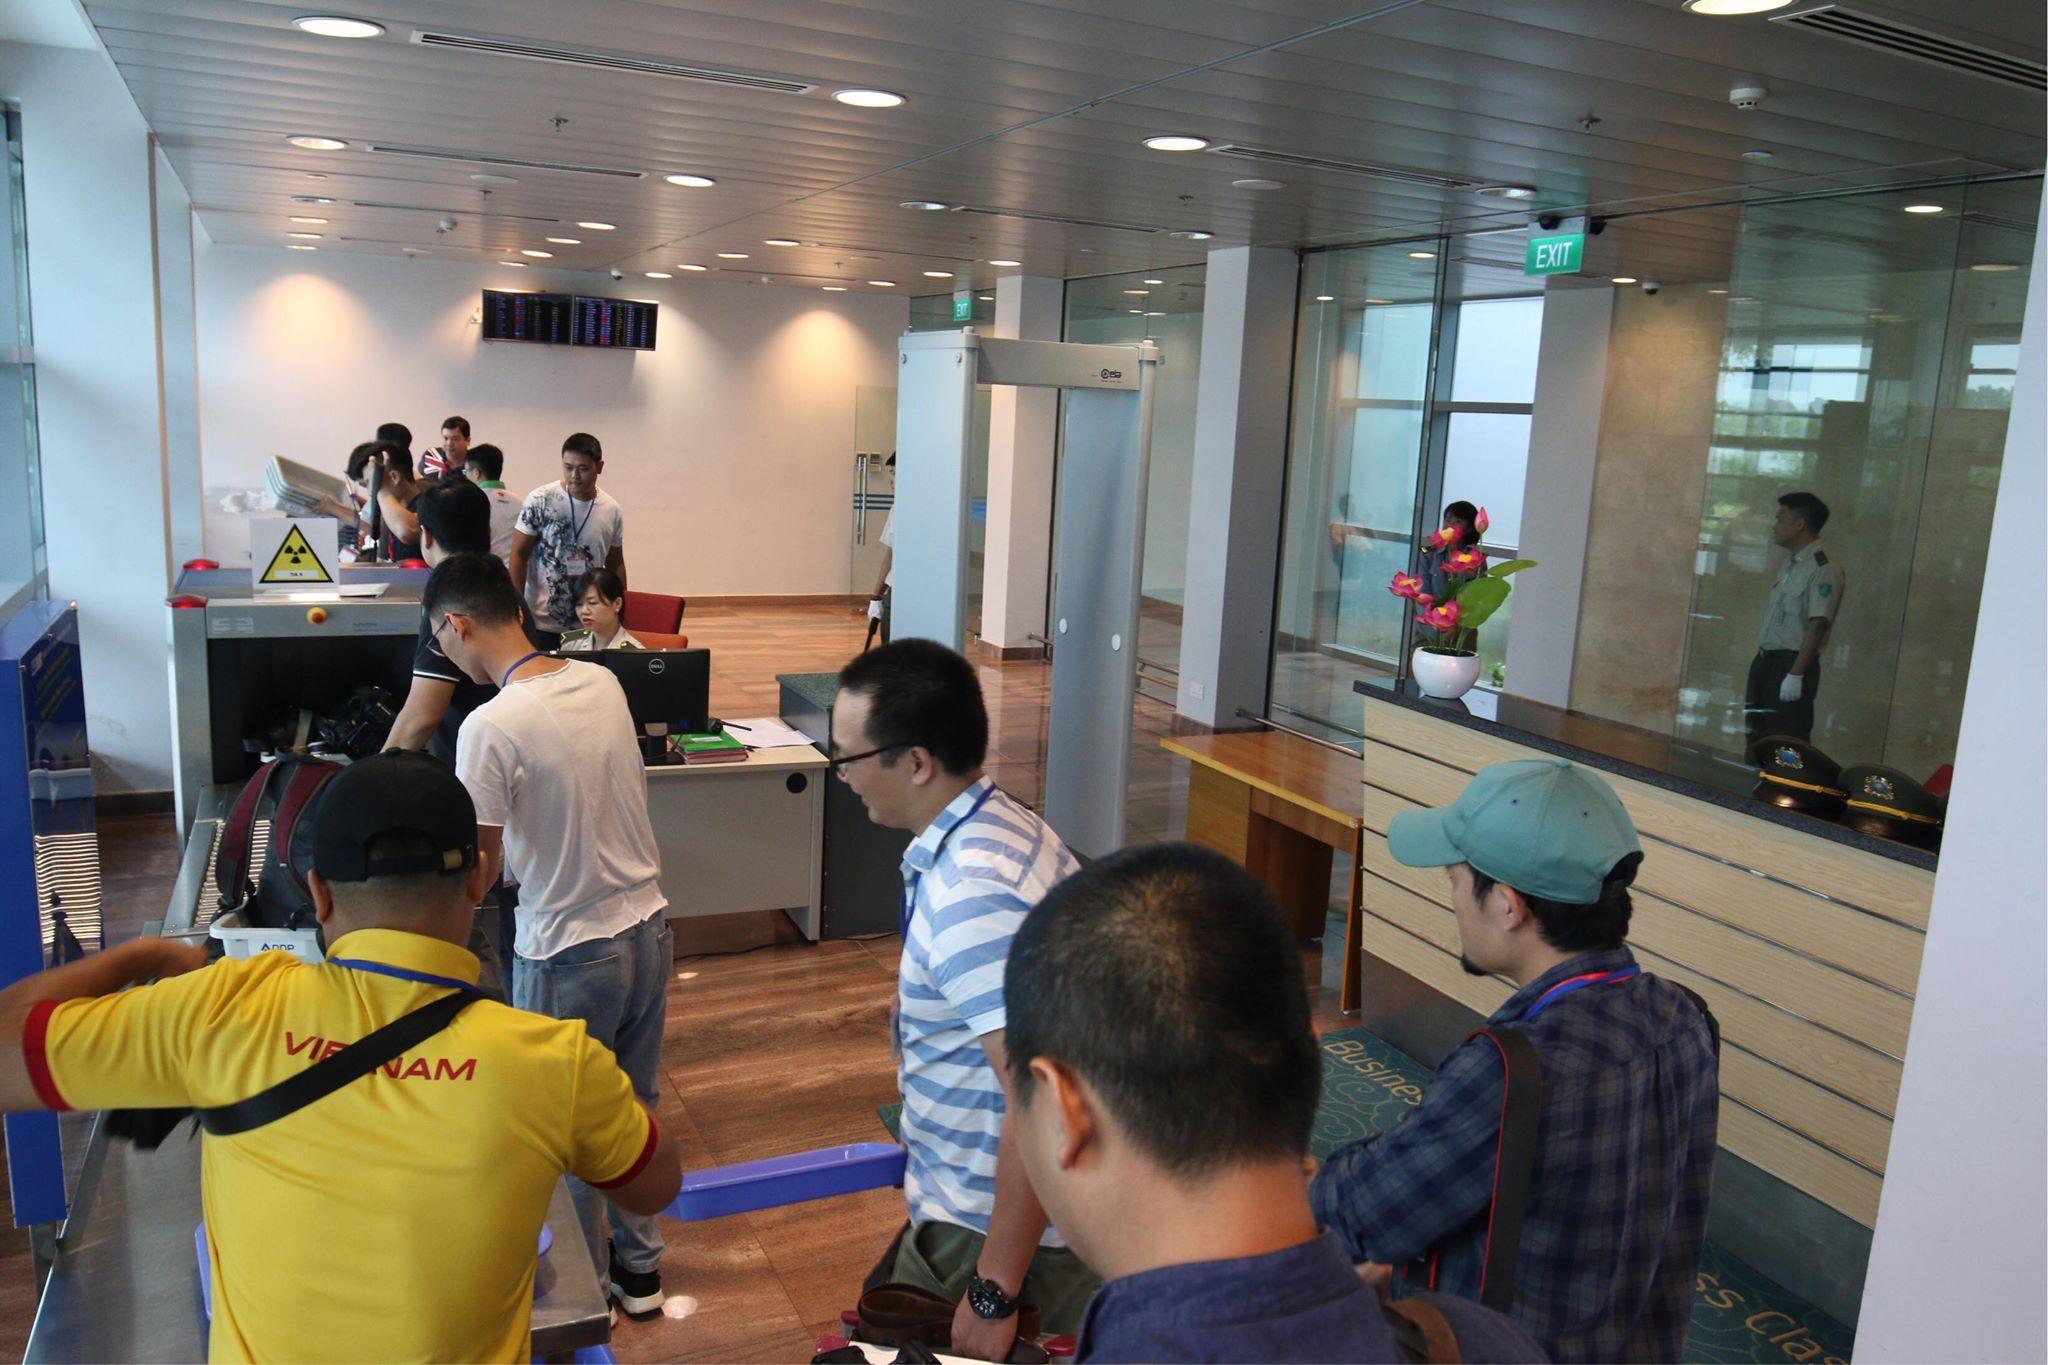 Trong khi đó, bên trong sân bay, các phóng viên của Việt Nam đang kiểm tra an ninh để đón các vận động viên của Đoàn TTVN.